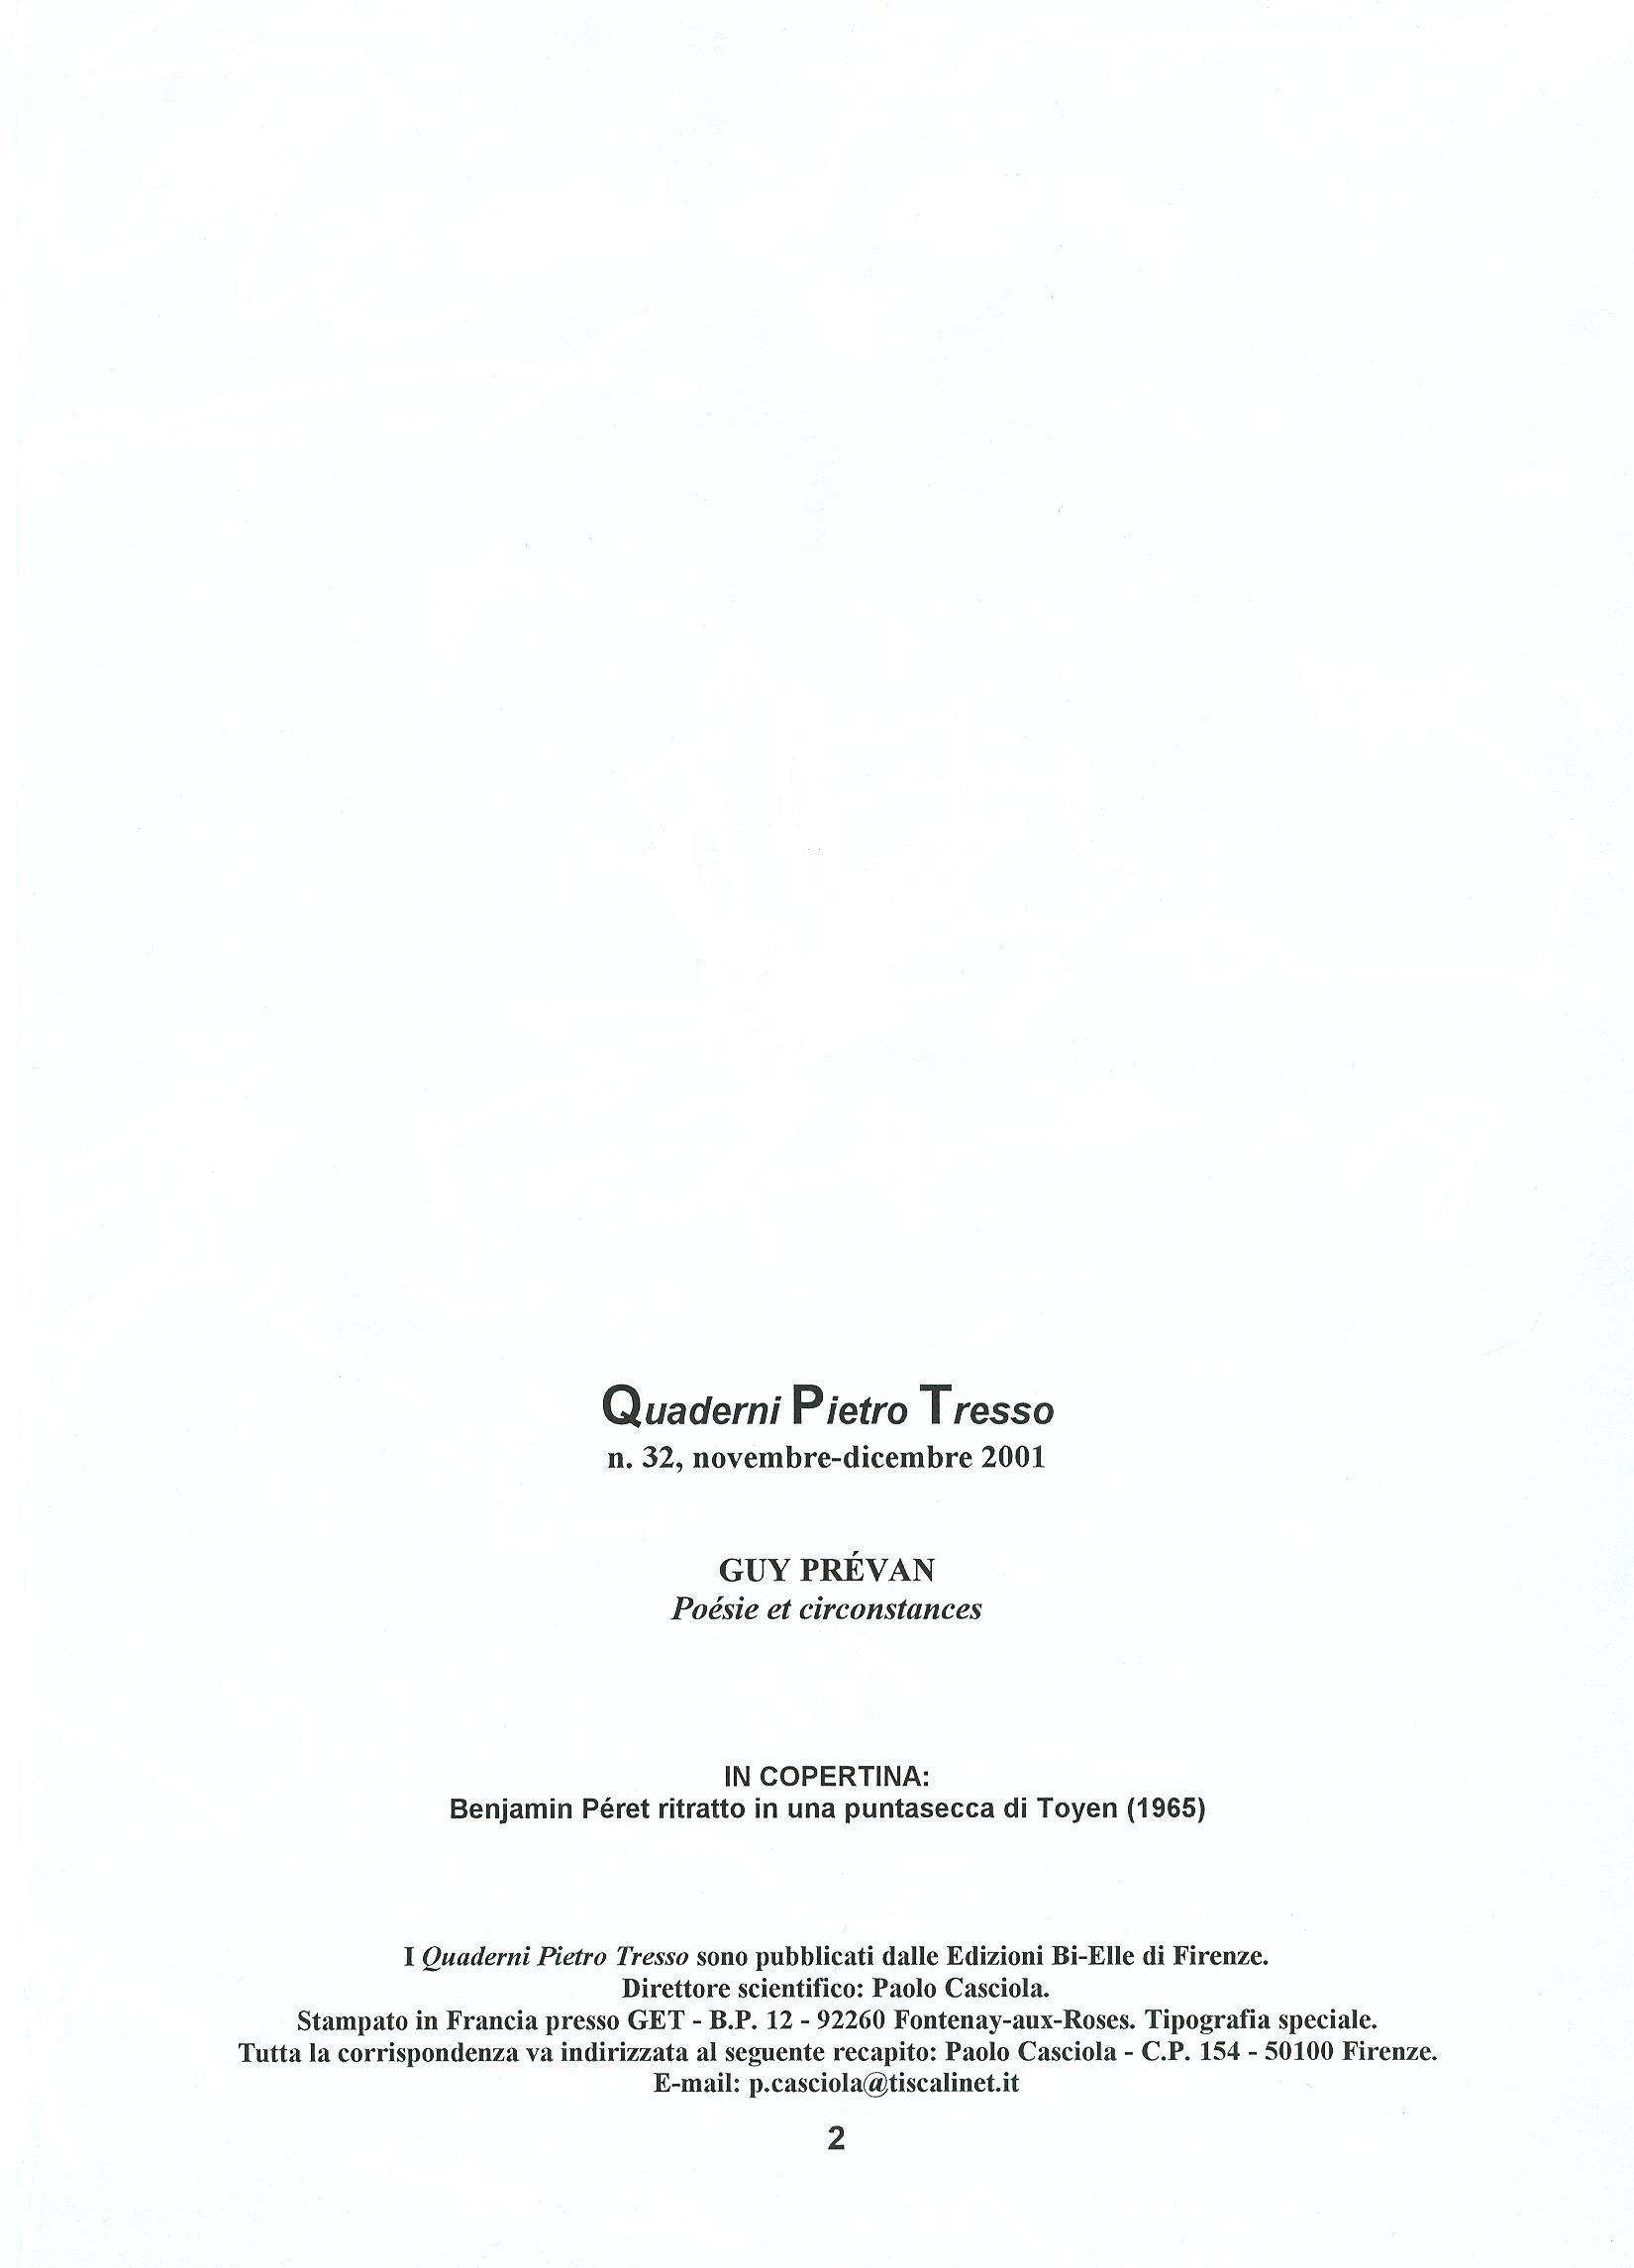 Quaderno n. 32 - pag. 3